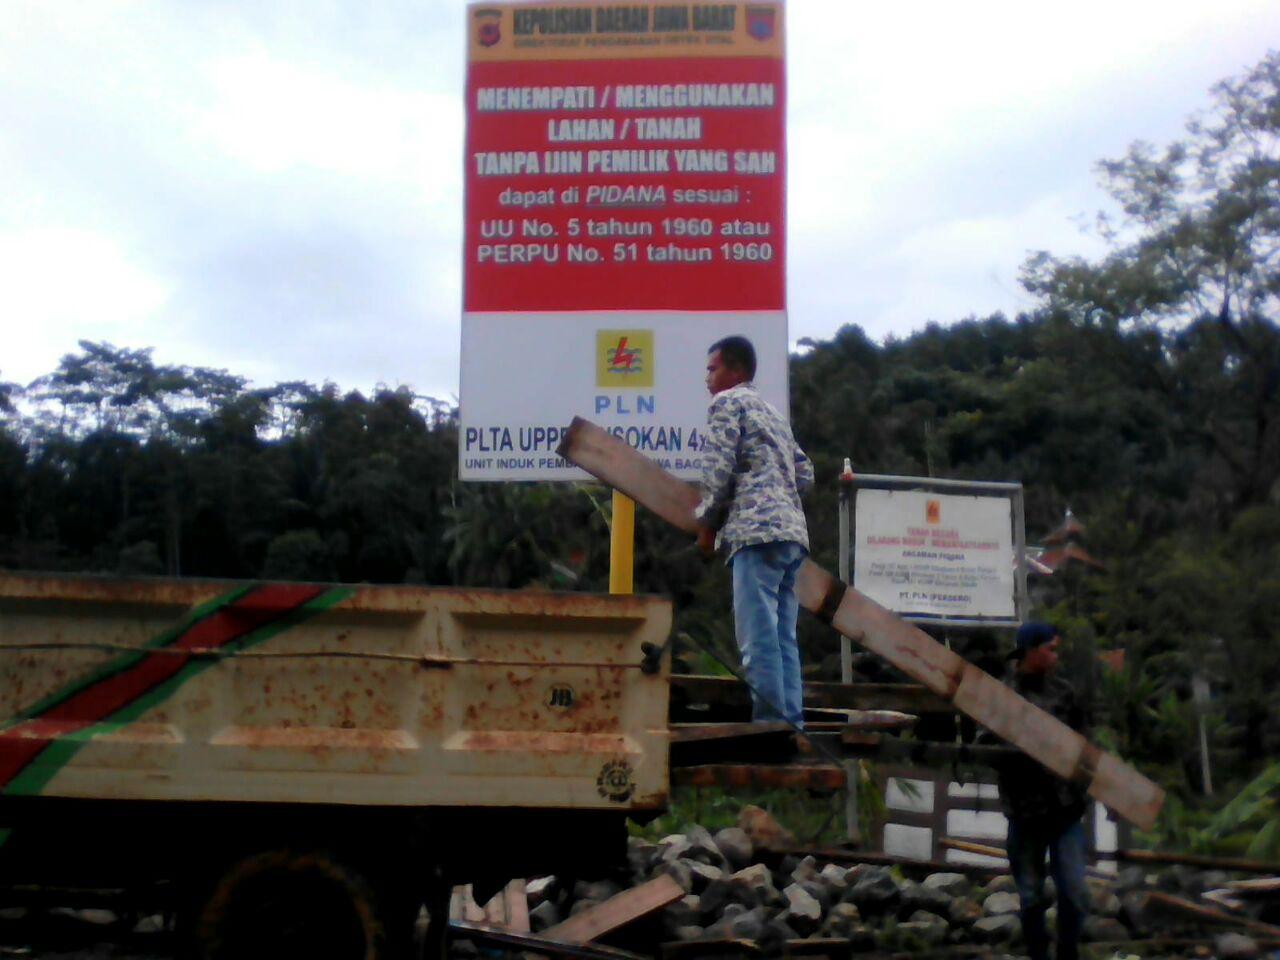 Ingkar Janji Ganti Rugi Tanah 5130 Meter, Kuasa Hukum Sulton Gugat PLN